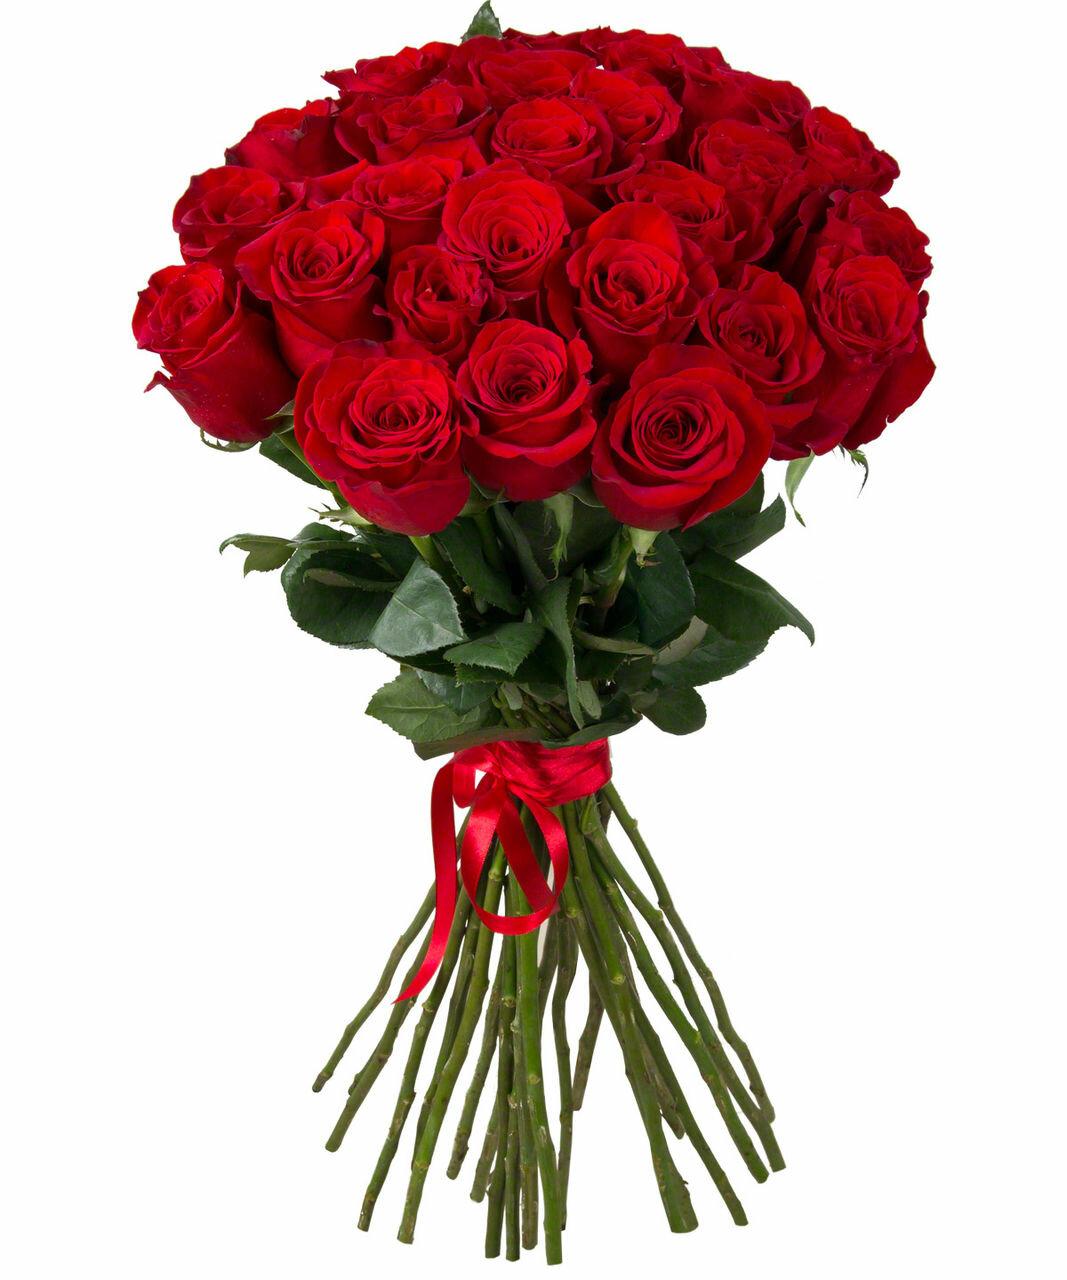 Большие букеты цветов купить дешево, магазин цветов